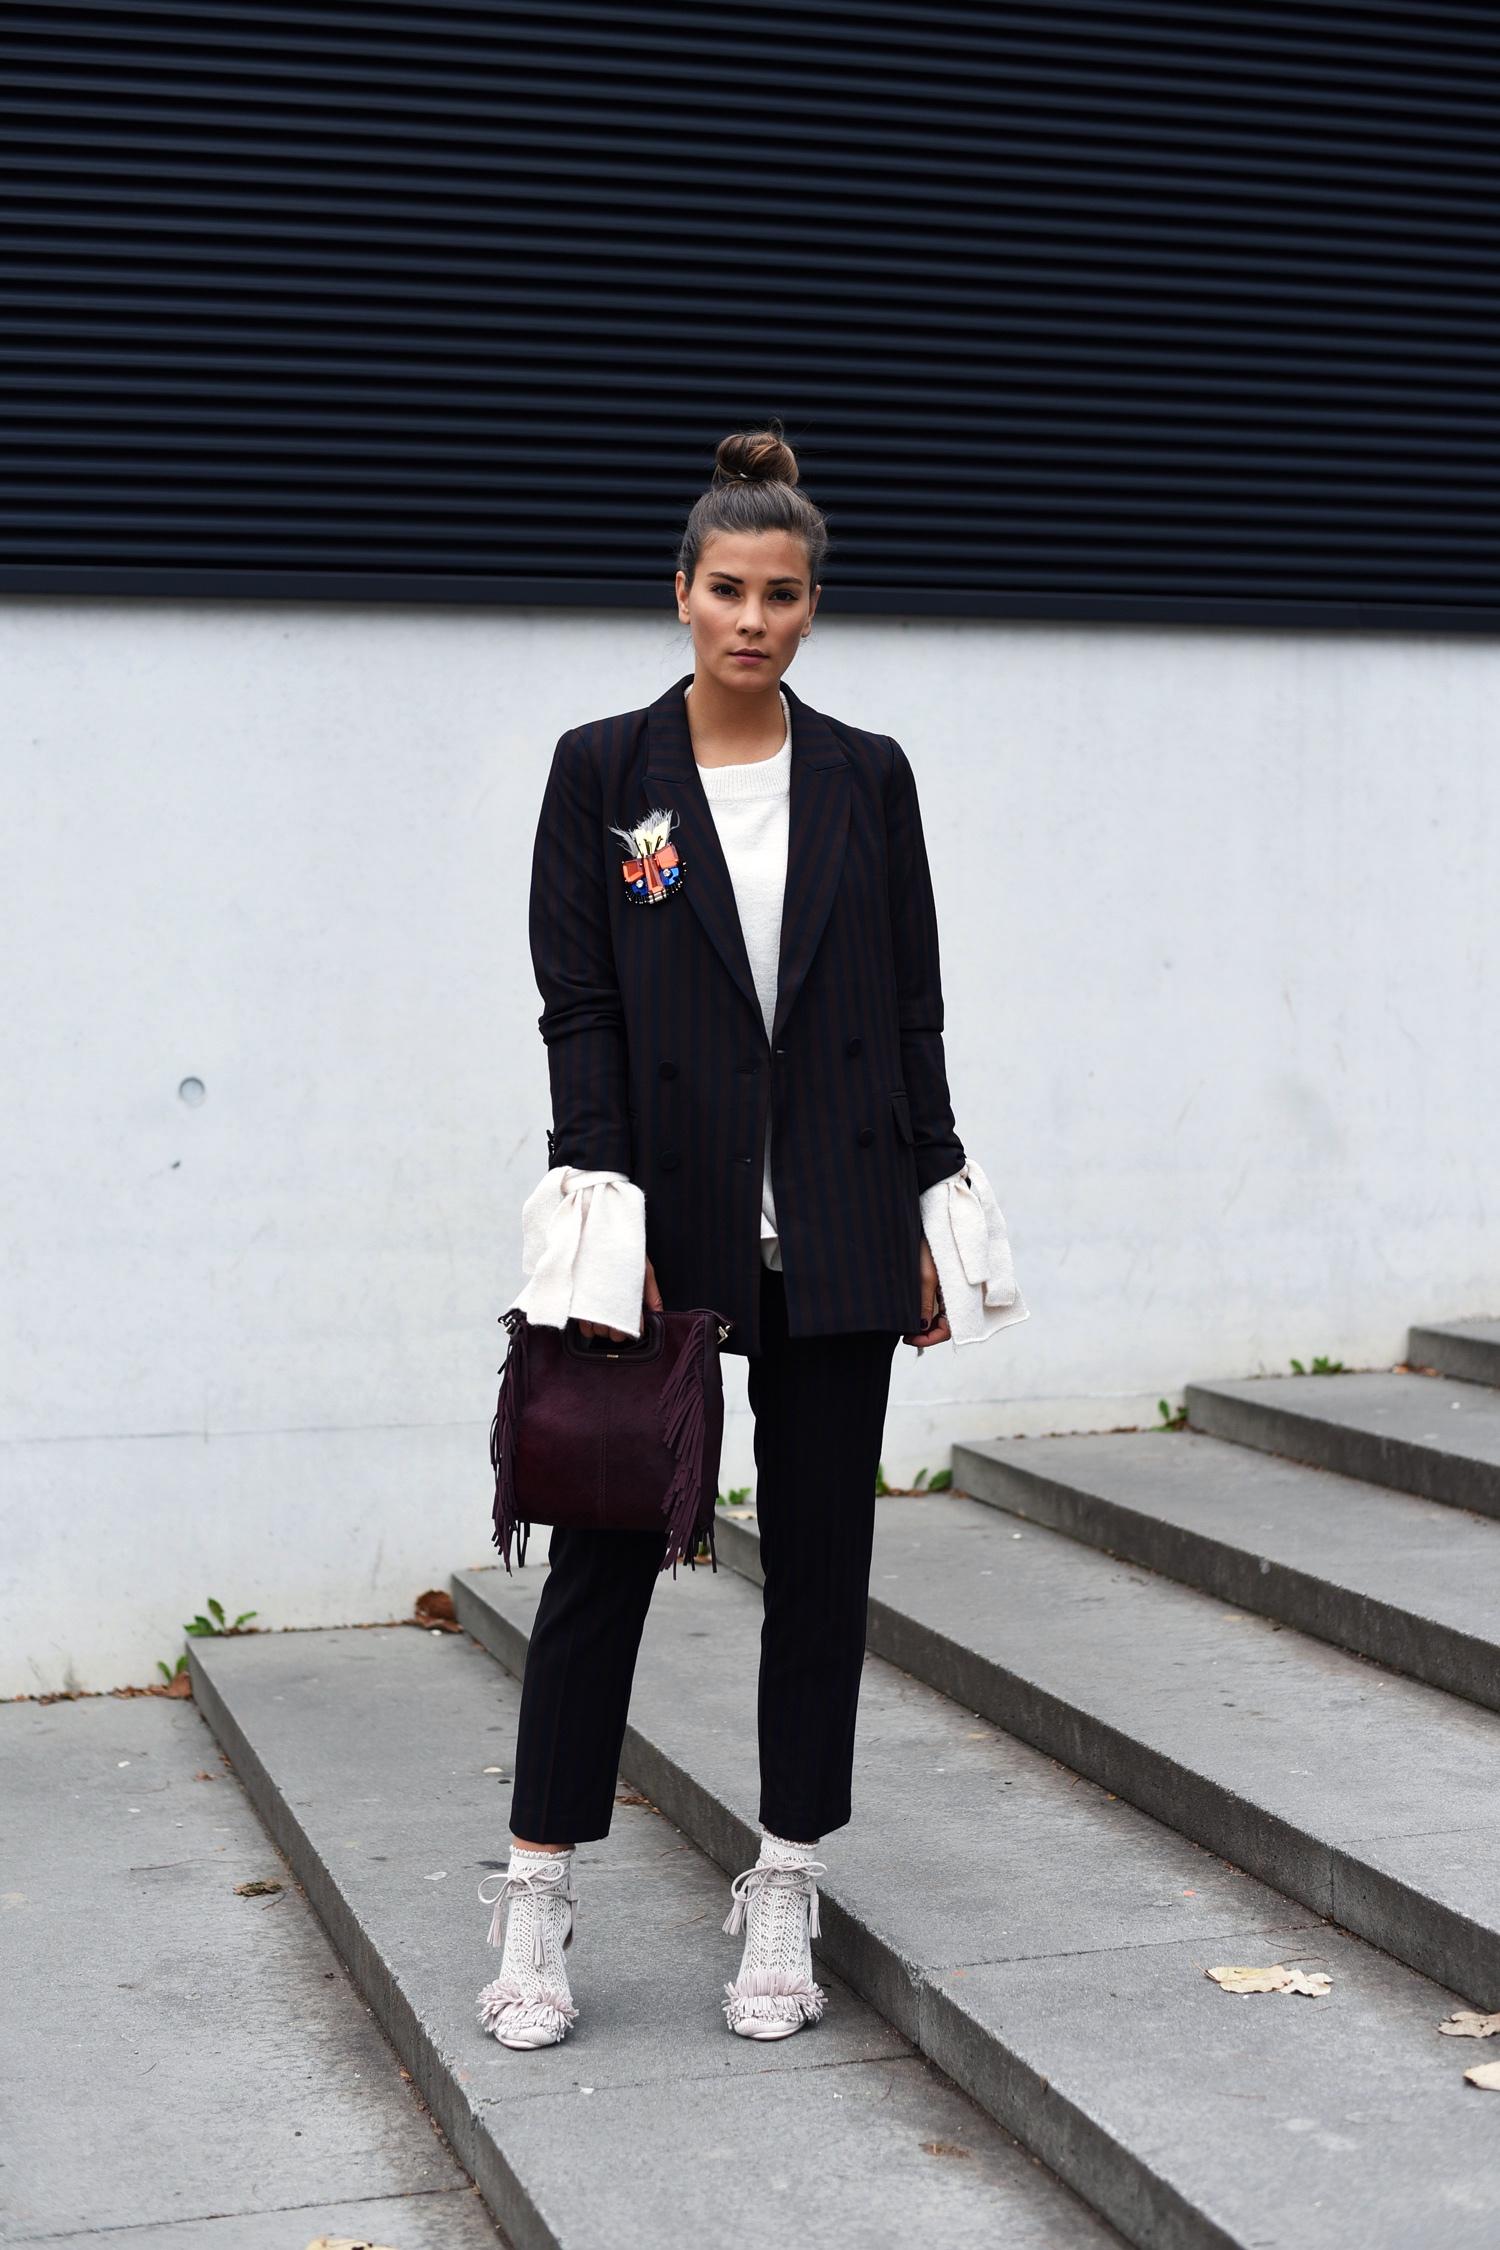 gute-fashion-blogger-aus-deutschland-muenchen-nina-schwichtenberg-fashiioncarpet